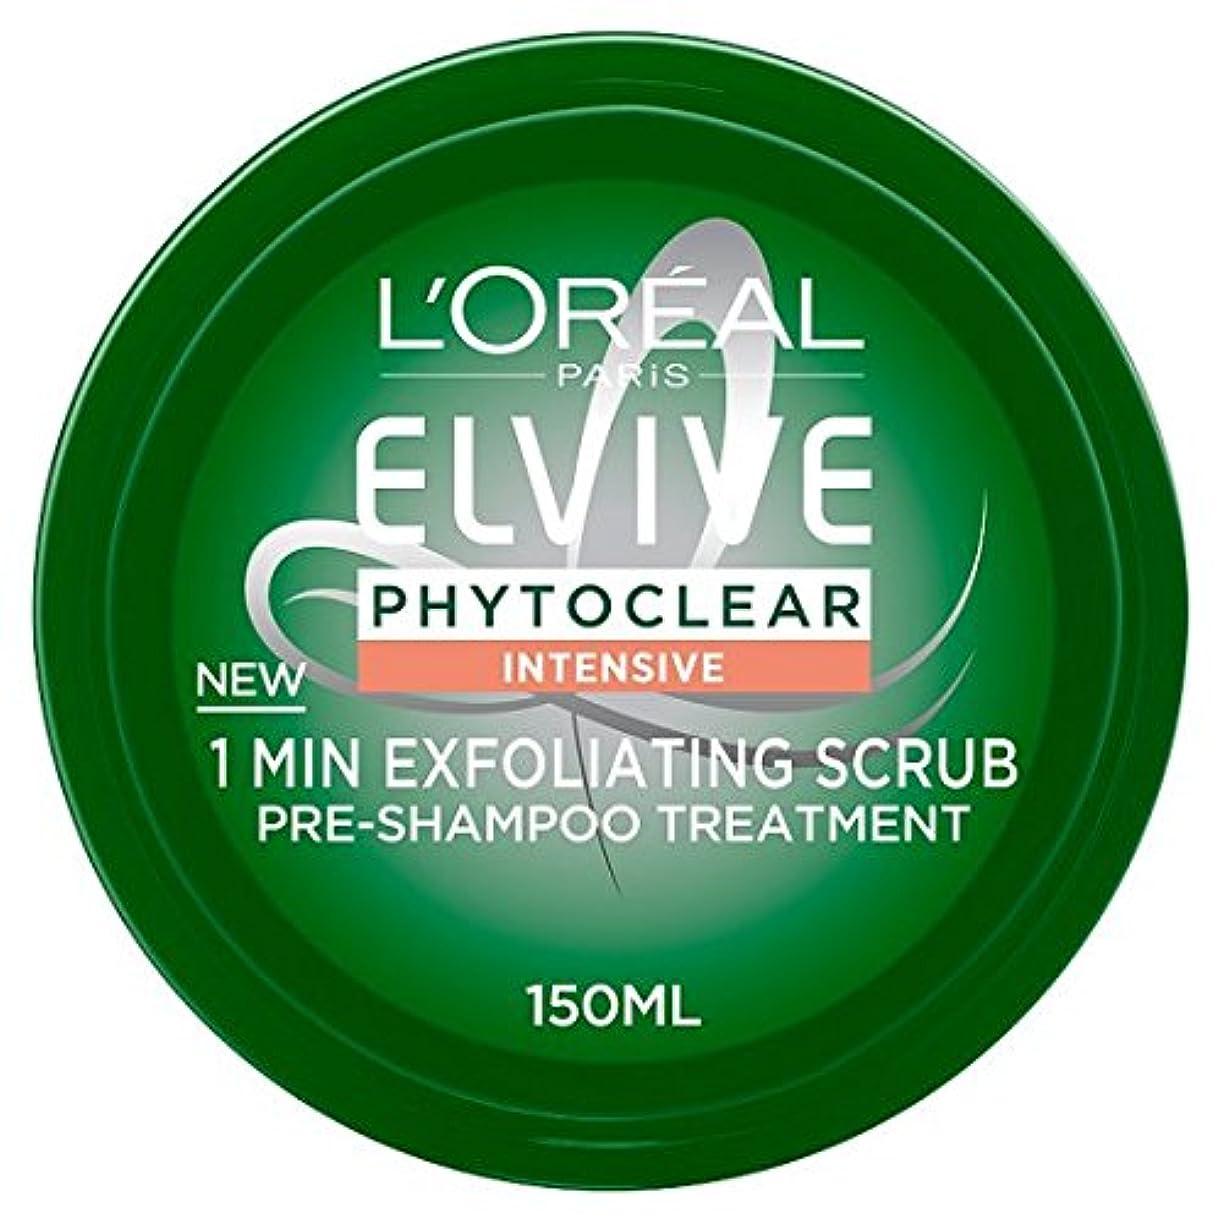 憂慮すべきがっかりする雲L 'Oreal Elvive phytoclear Shampoo Scrub 150 ml